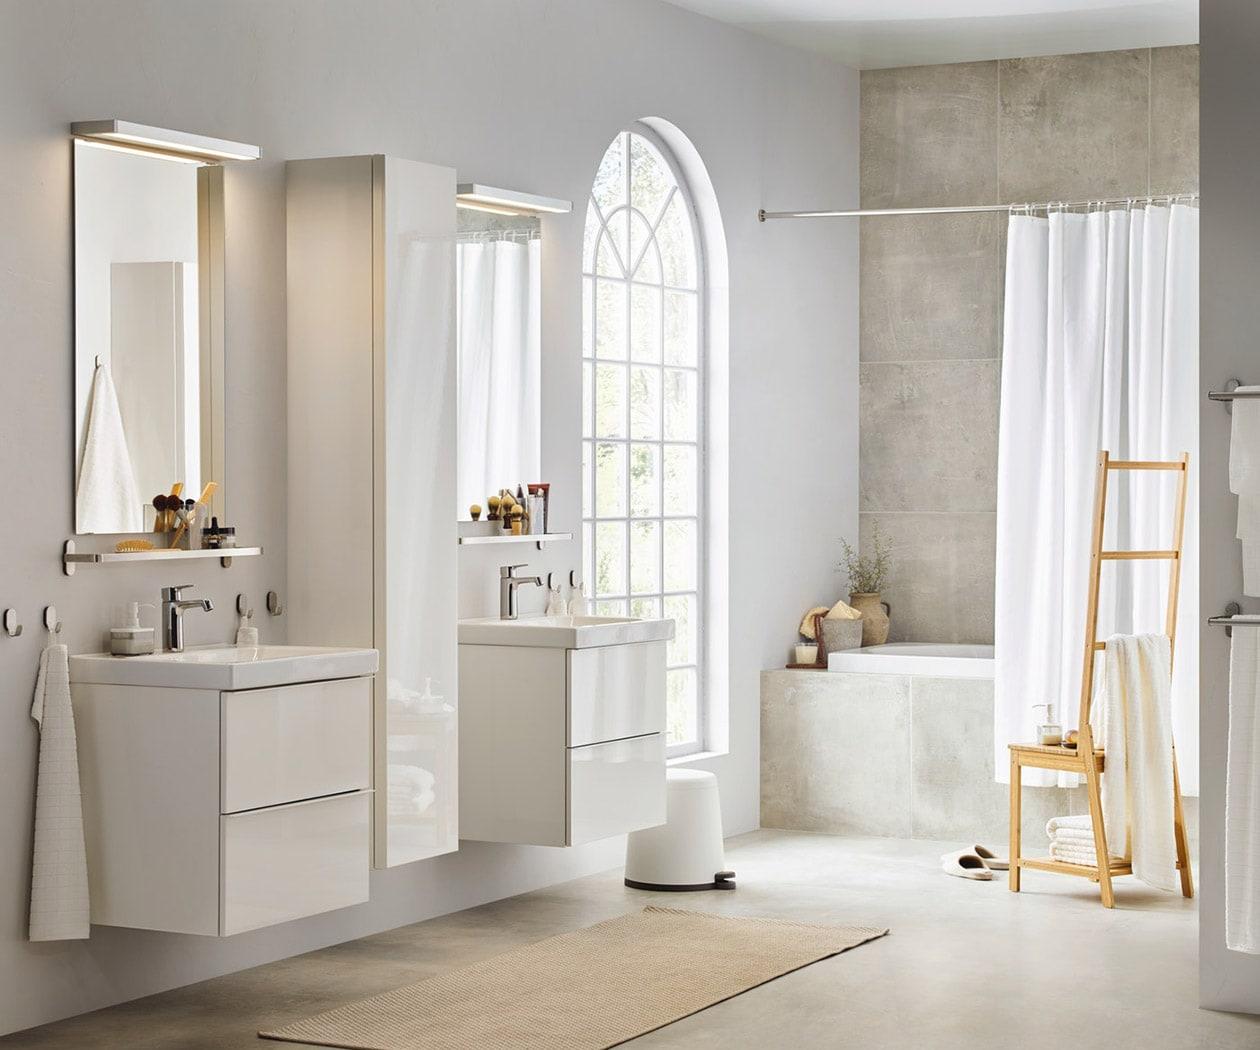 Picture of: Serier Til Badevaerelset Nye Og Spaendende Losninger Ikea